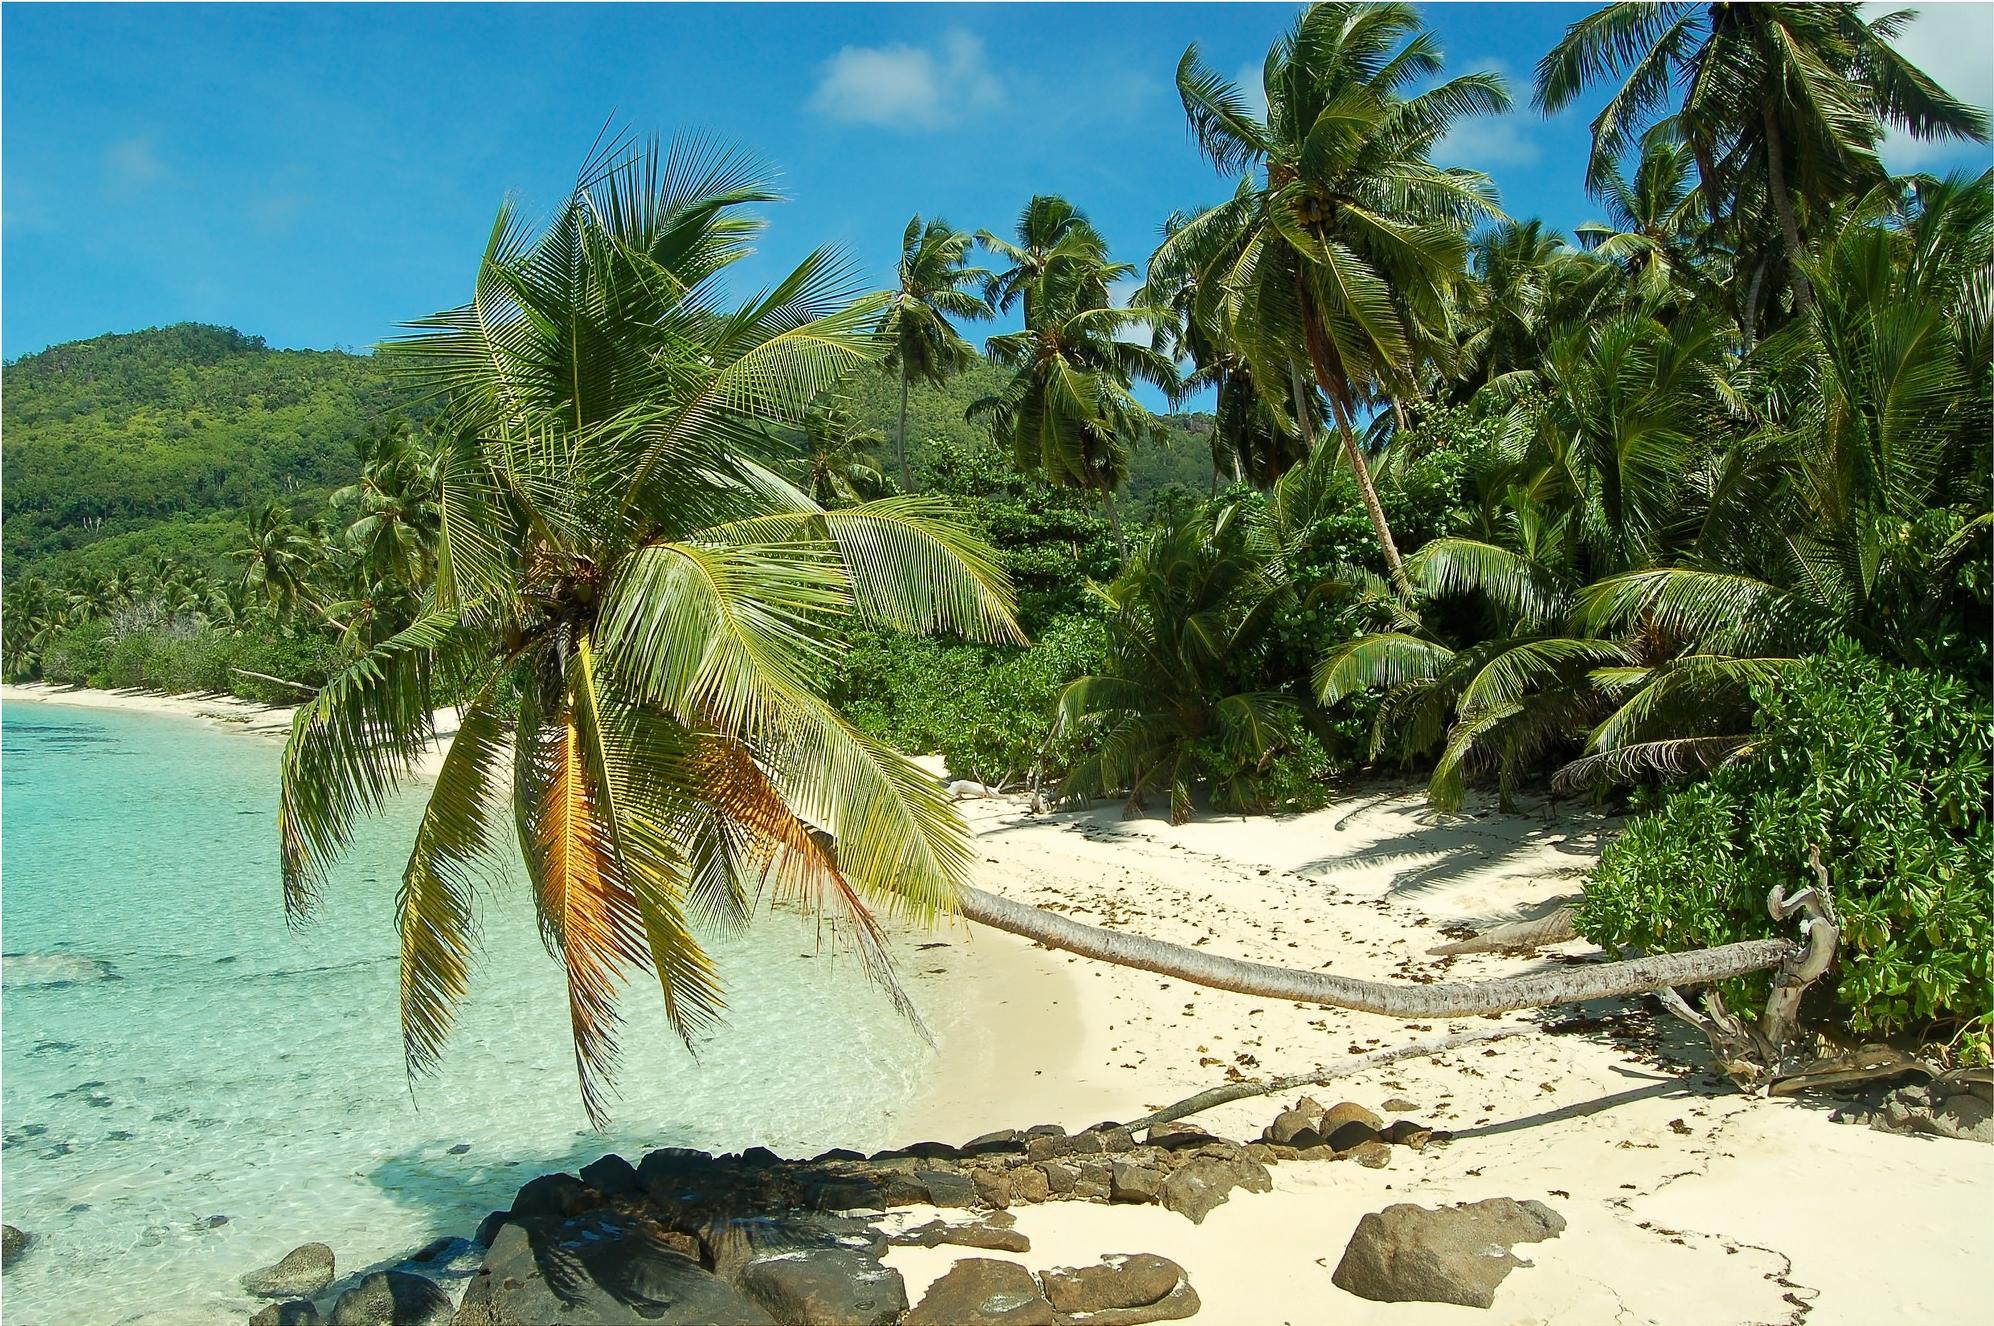 море, пальмы, берег